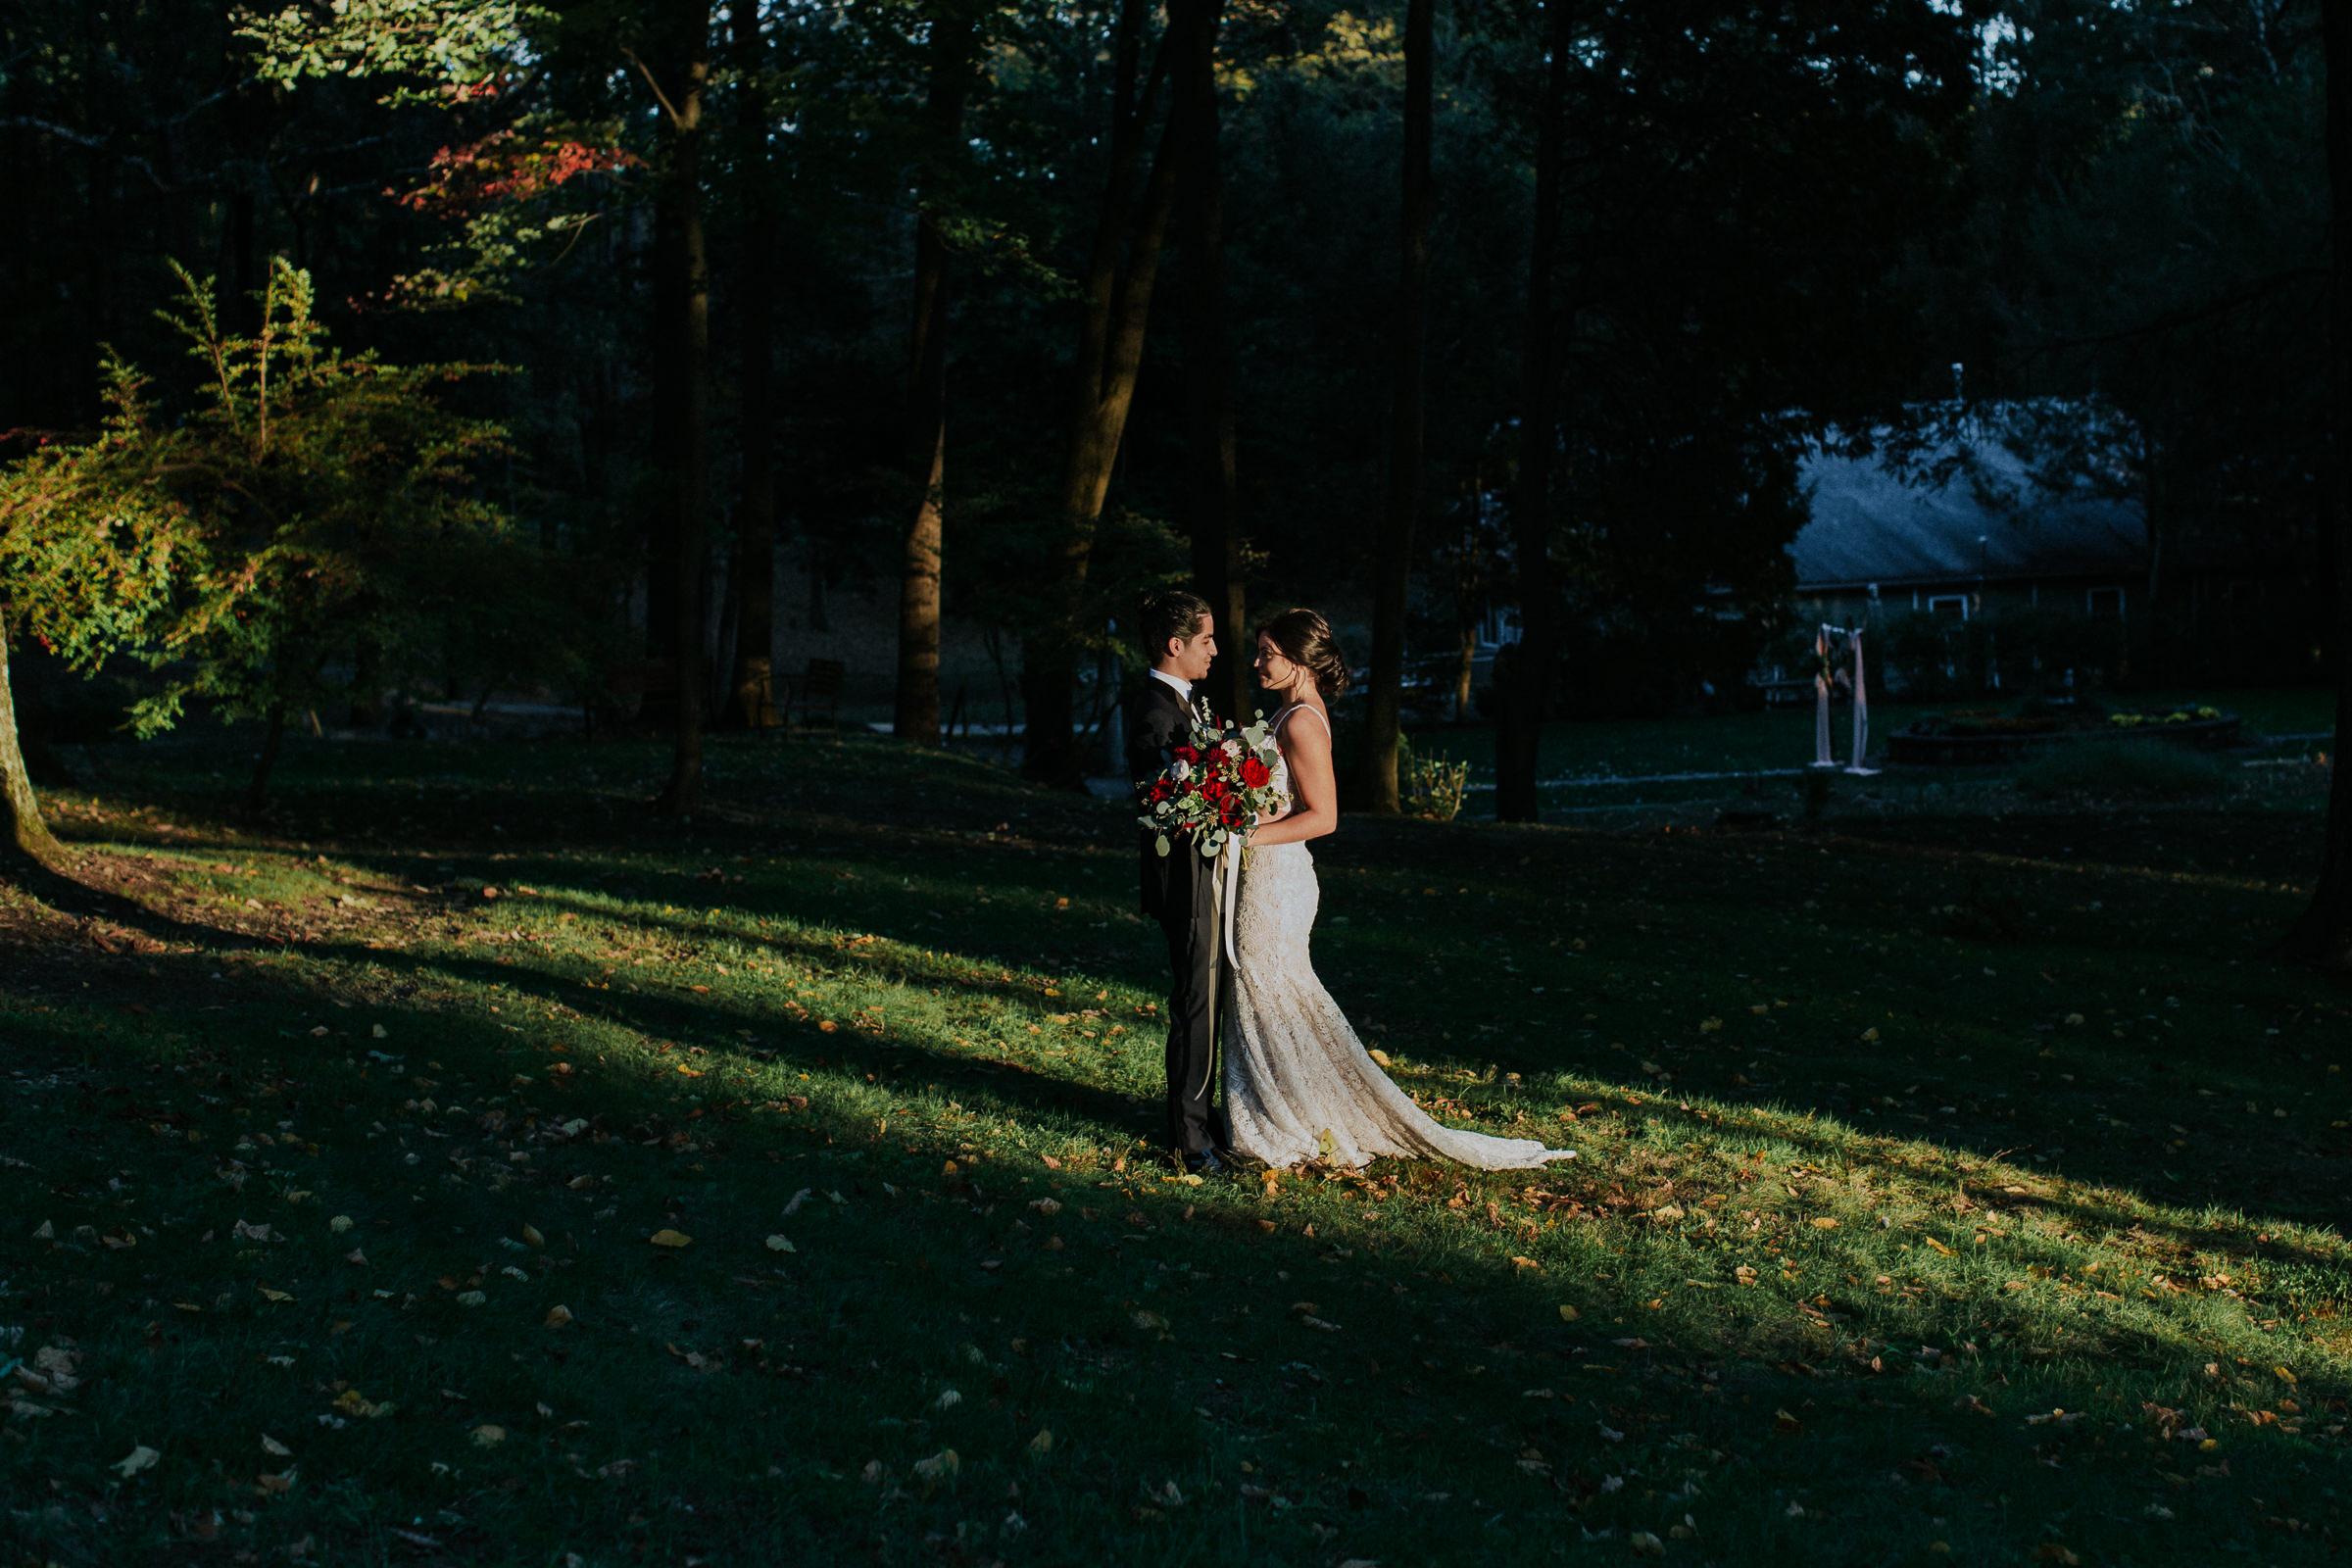 Arrow-Park-Monroe-NY-Documentary-Wedding-Photographer-76.jpg